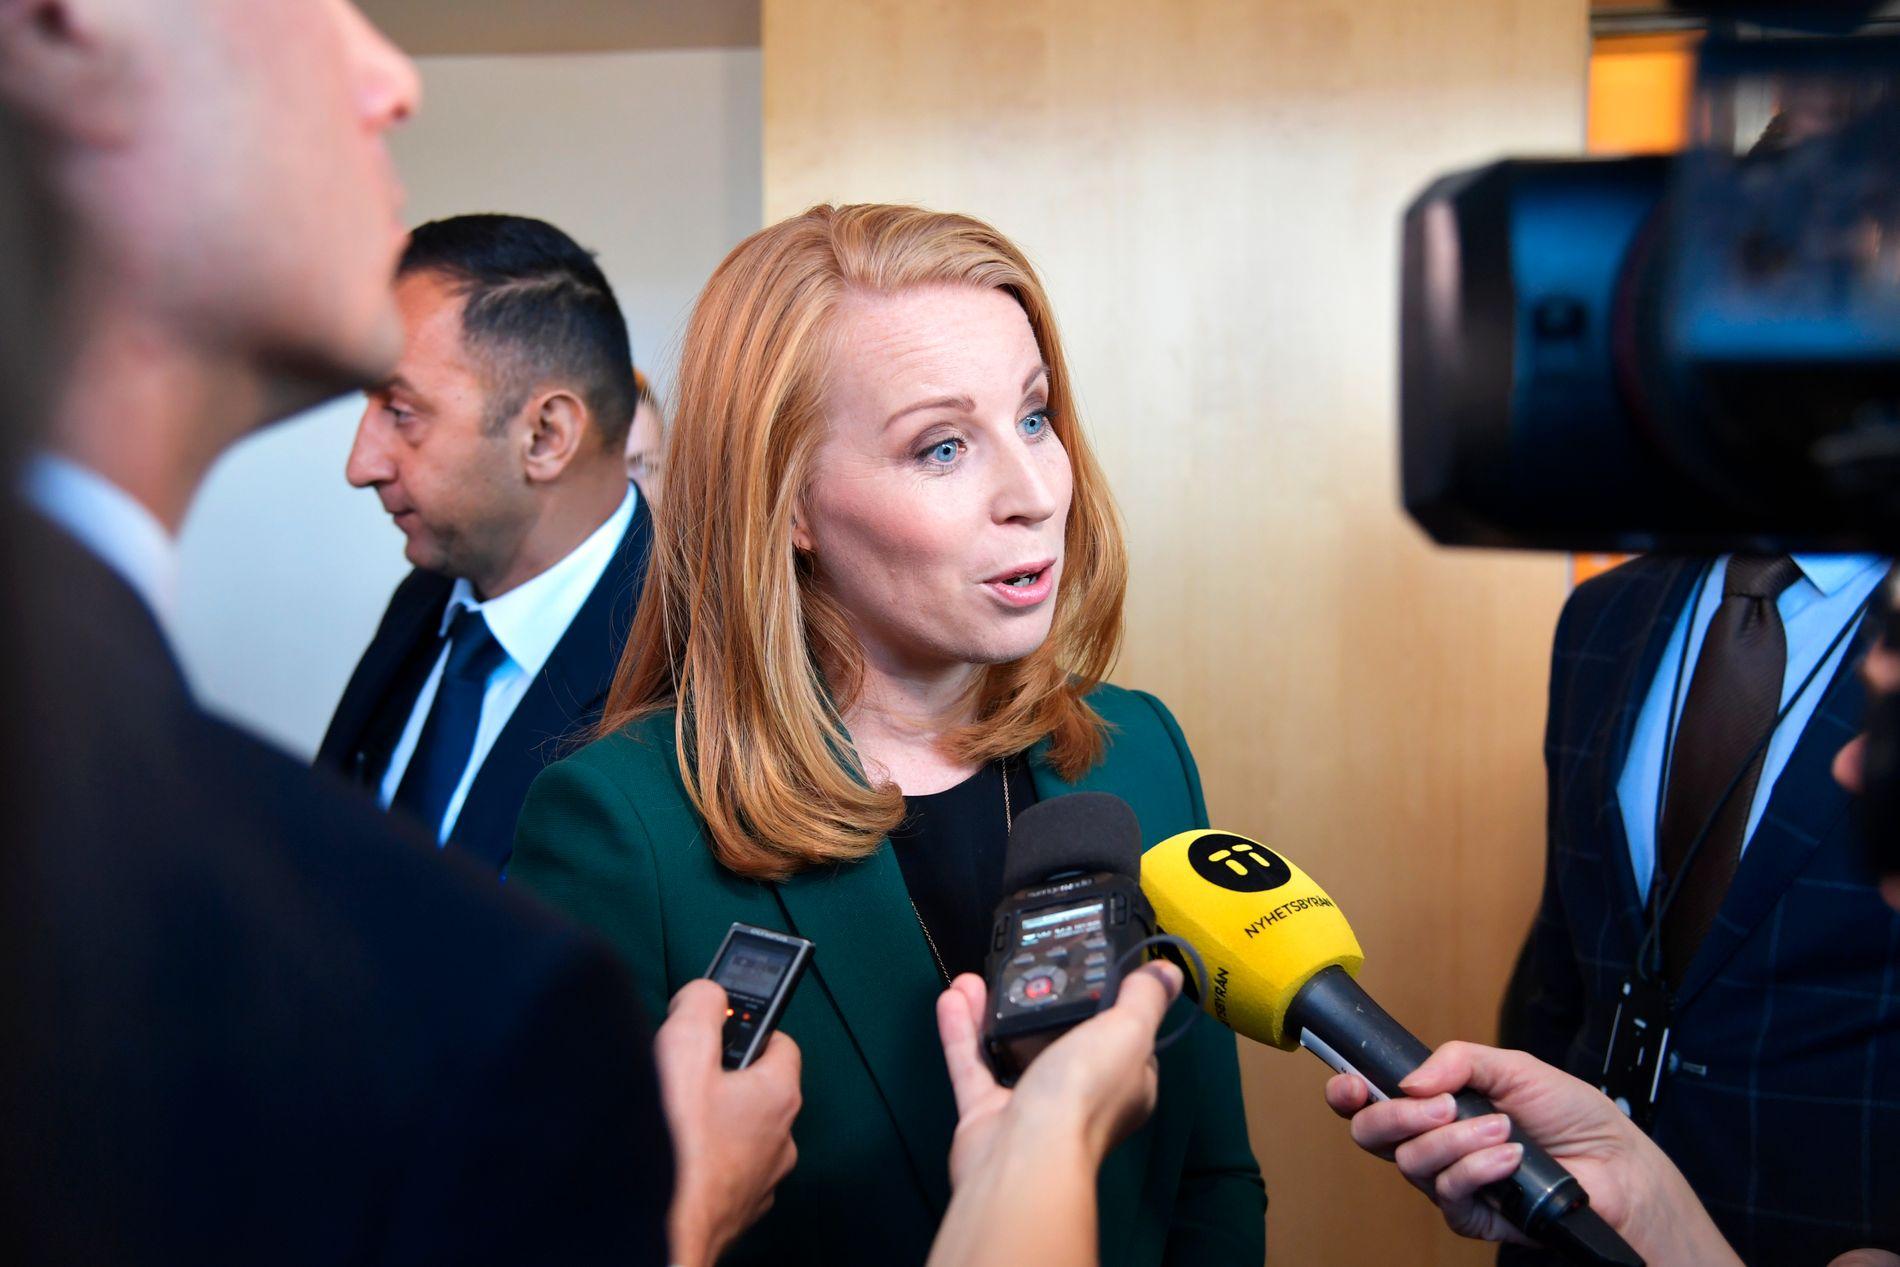 VIL IKKE: Centerpartiets partileder Annie Lööf sier de ikke vil støtte en borgerlig regjering i Sverige med færre enn fire partier.